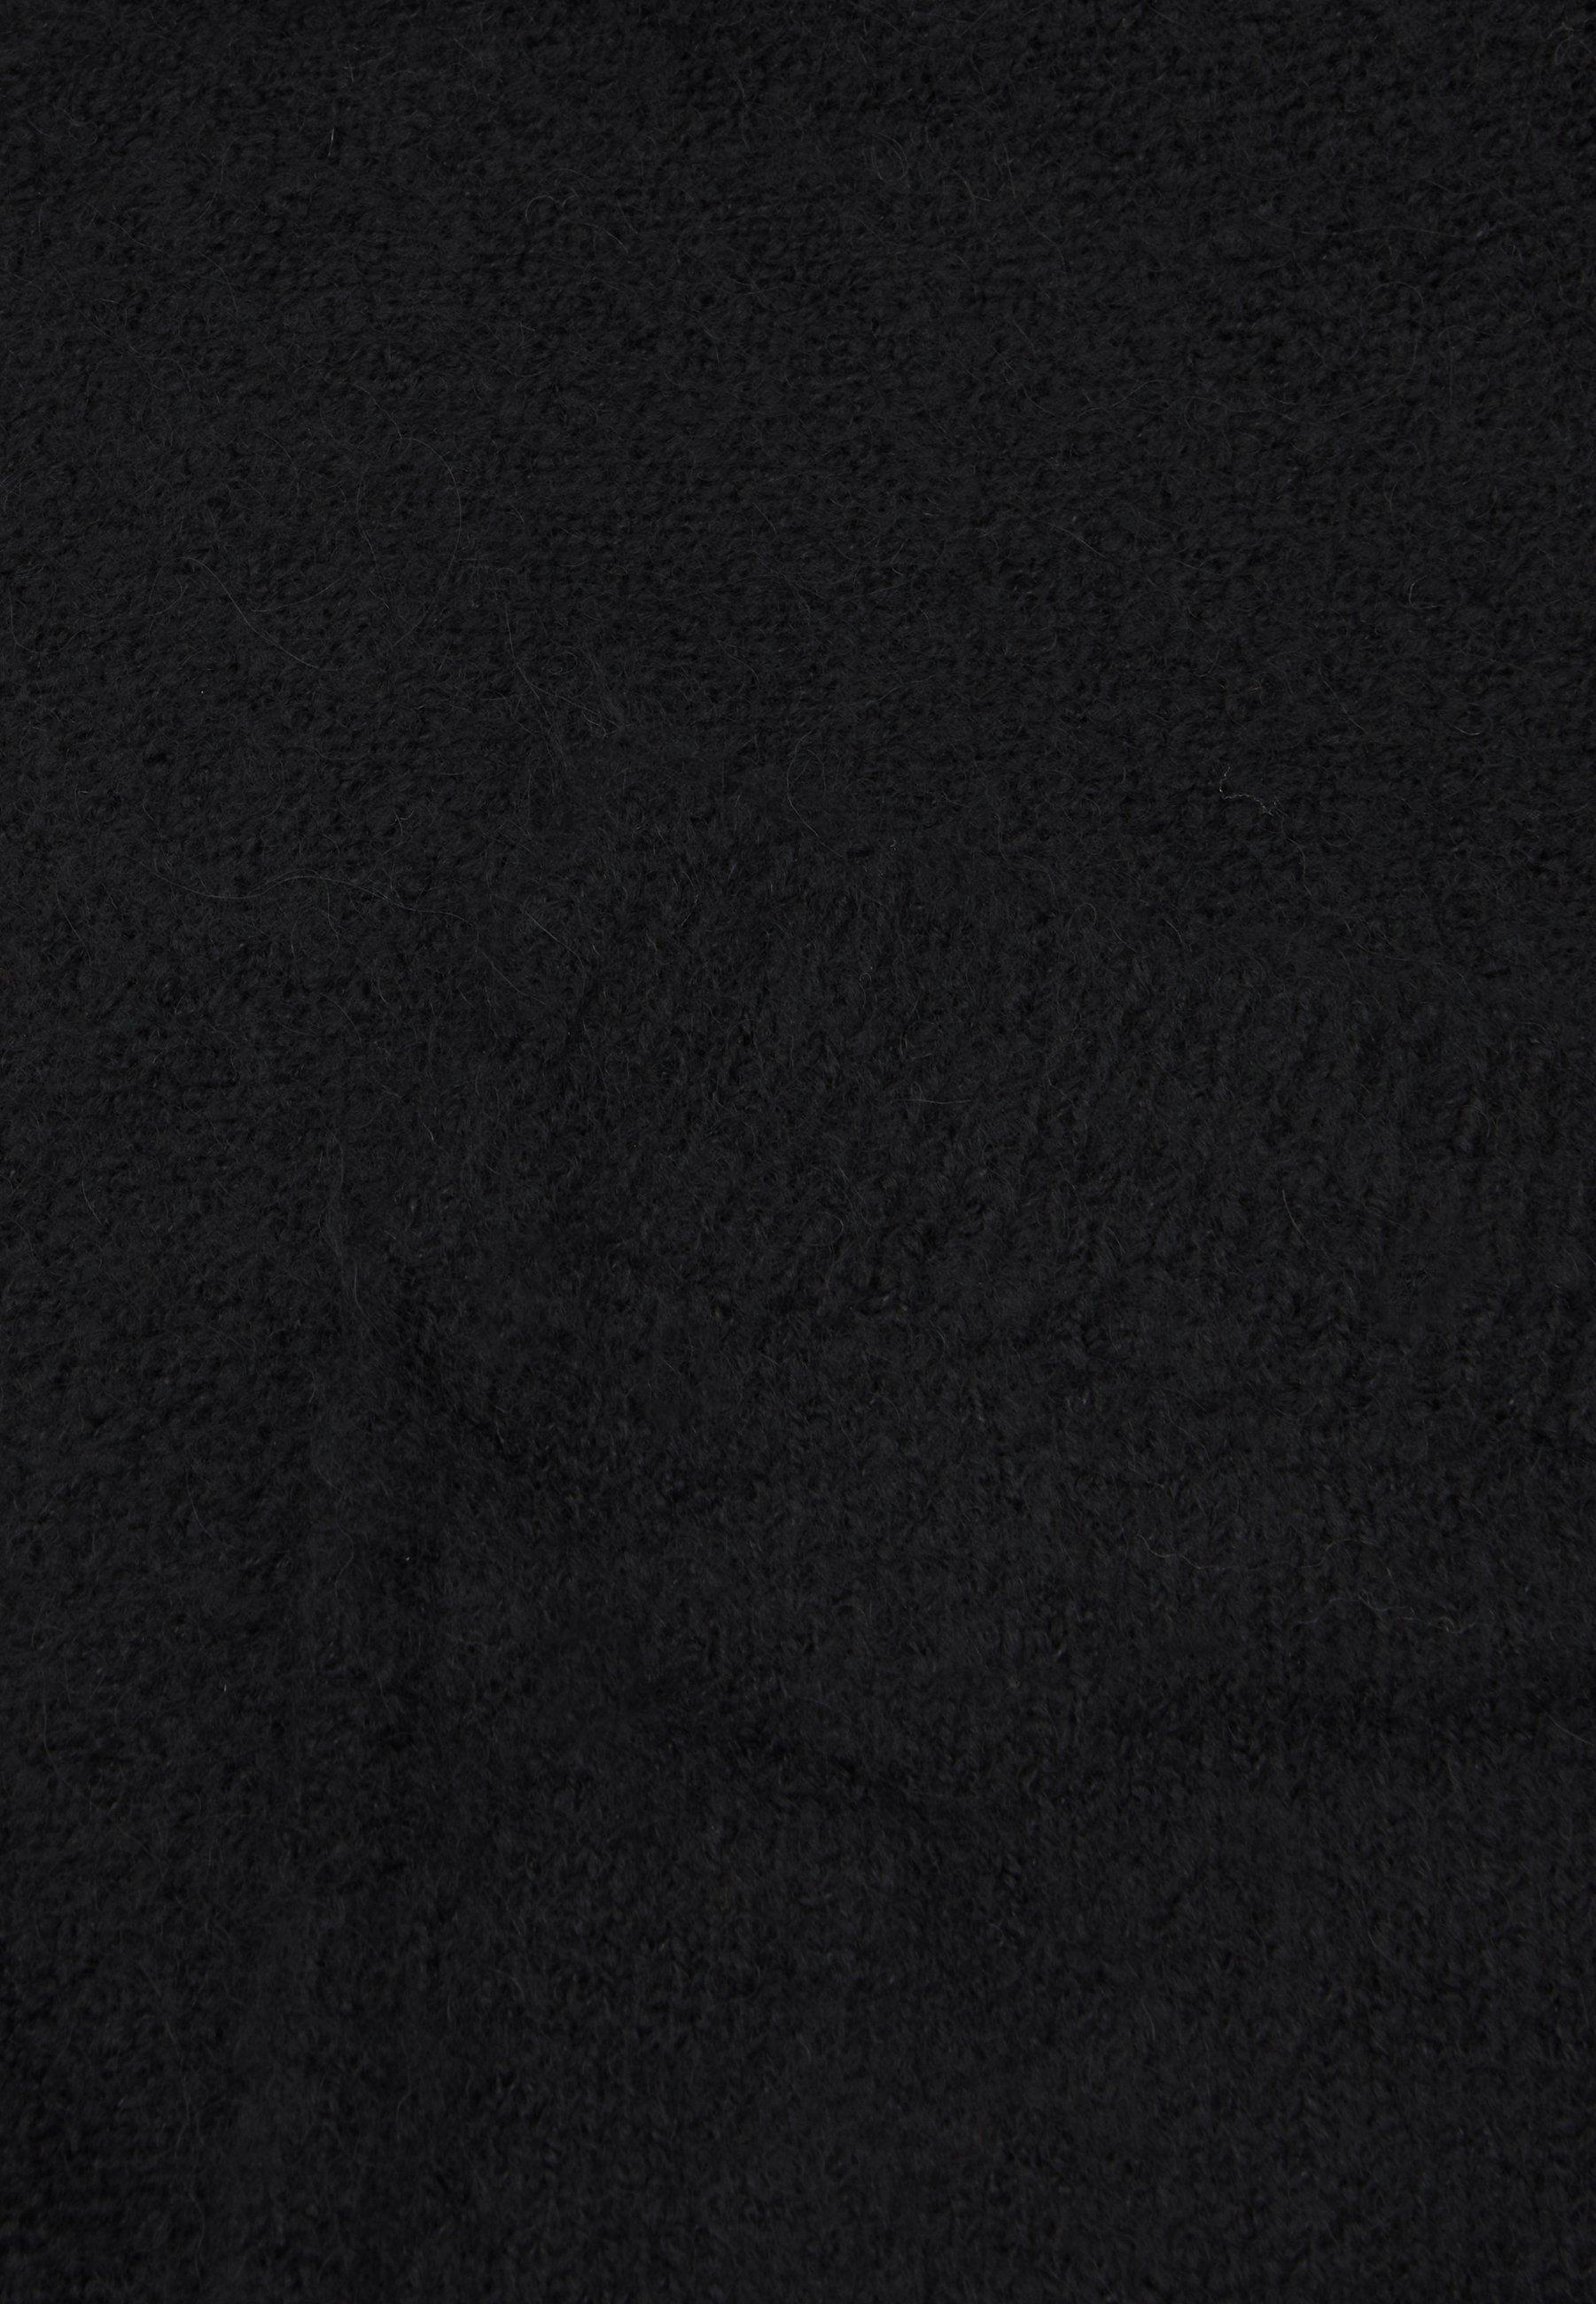 Aldo Nydarethiel - Schal Black/schwarz